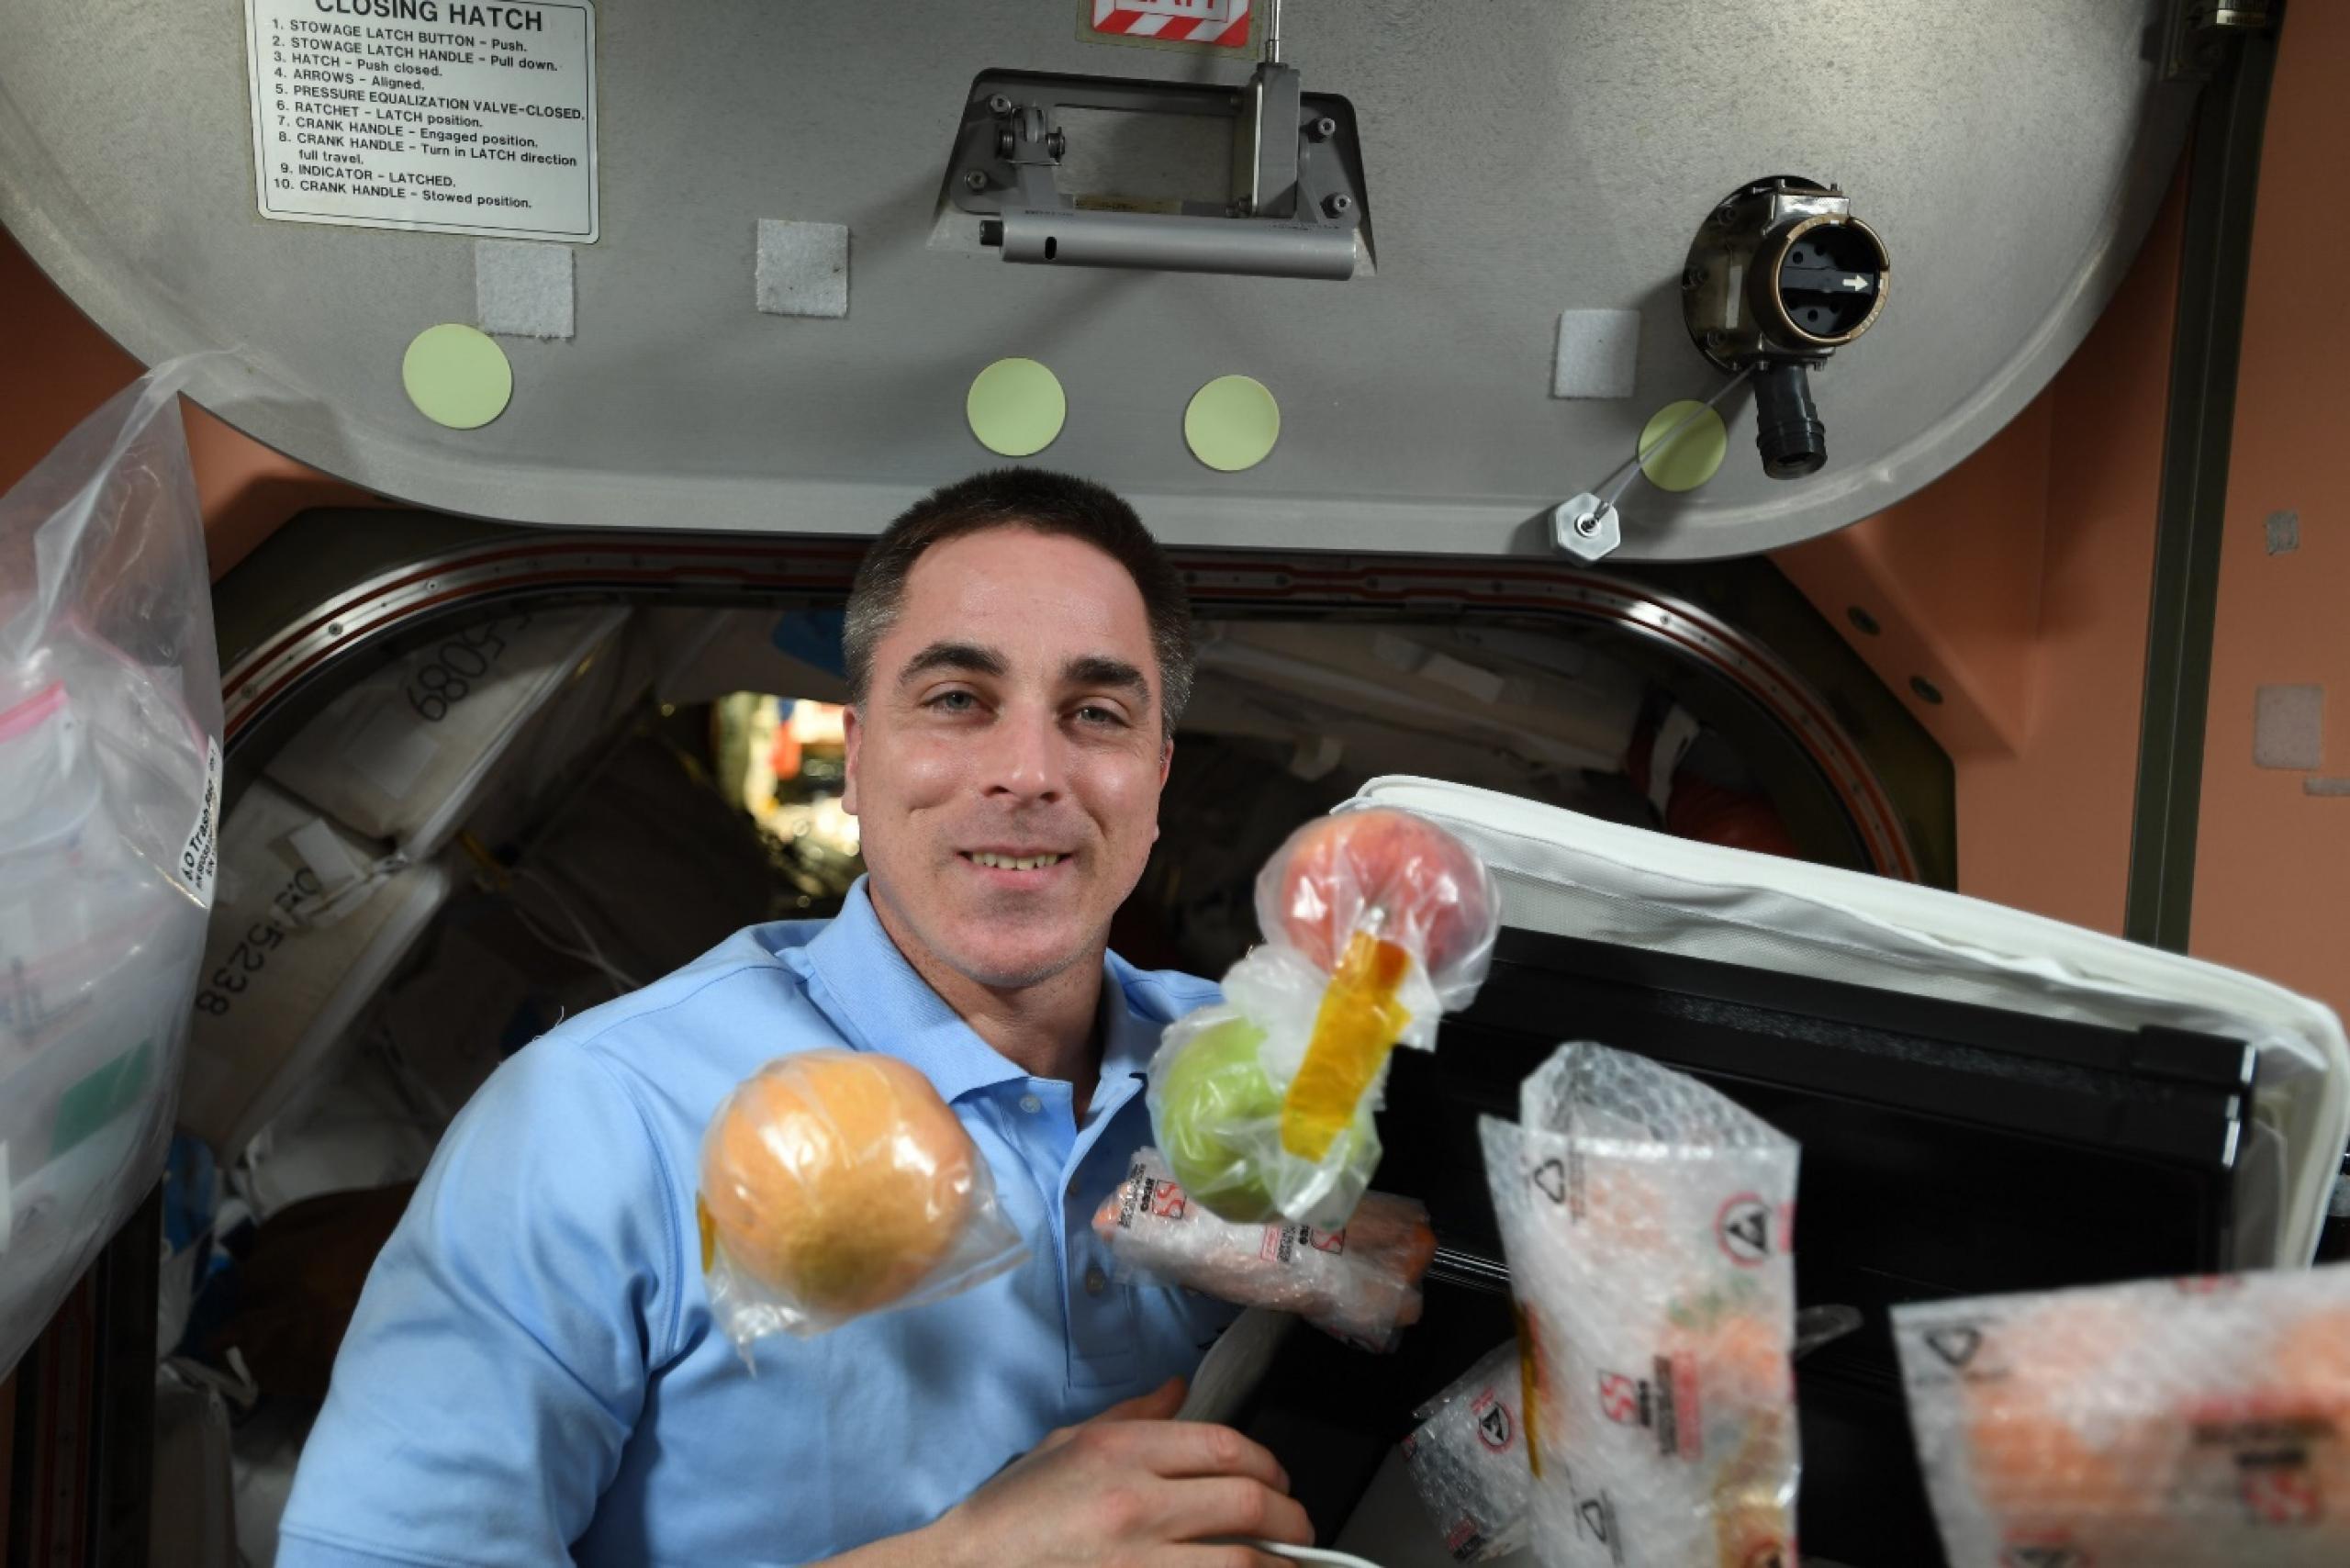 El astronauta de la NASA Chris Cassidy con comida fresca